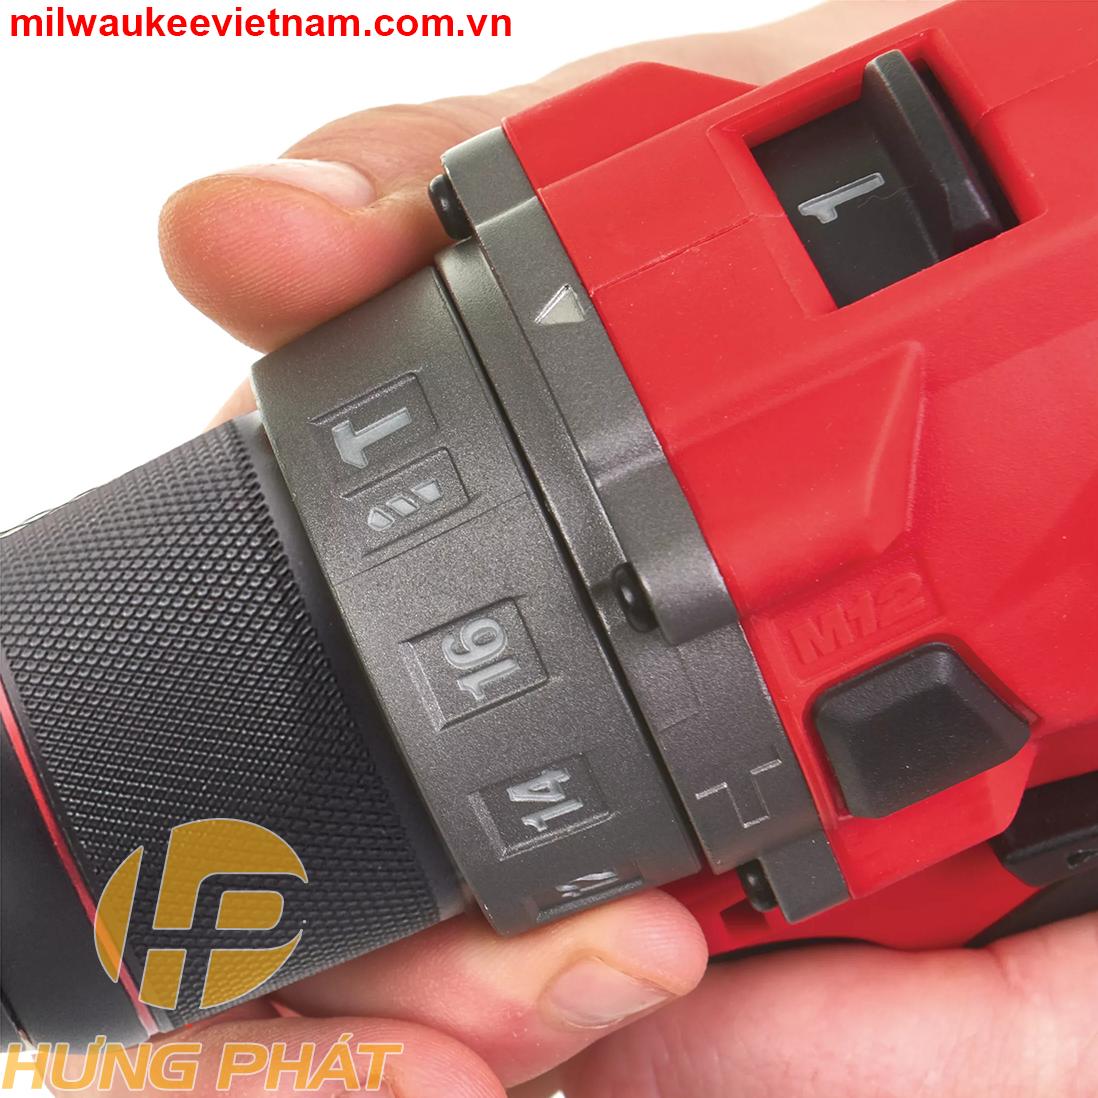 Milwaukee M12 FPD có nhiều chế độ: khoan thường, khoan búa và các chế độ vặn vít